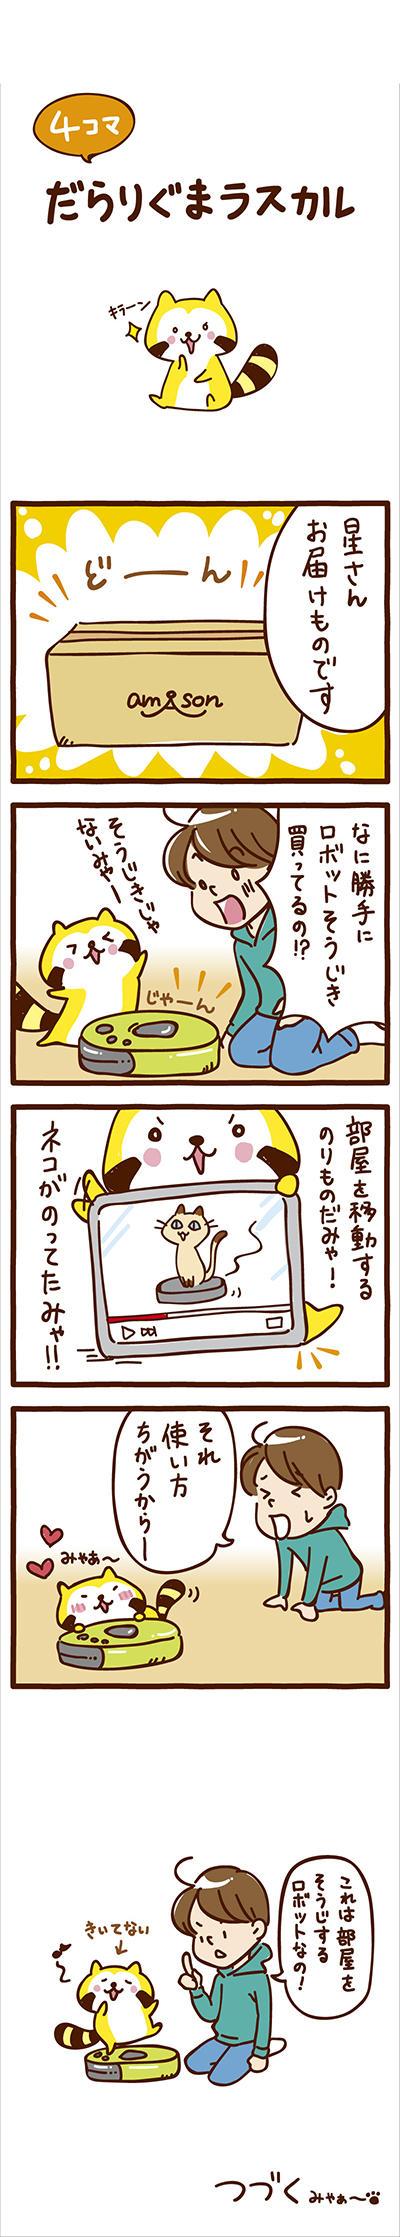 darari_c06.jpg